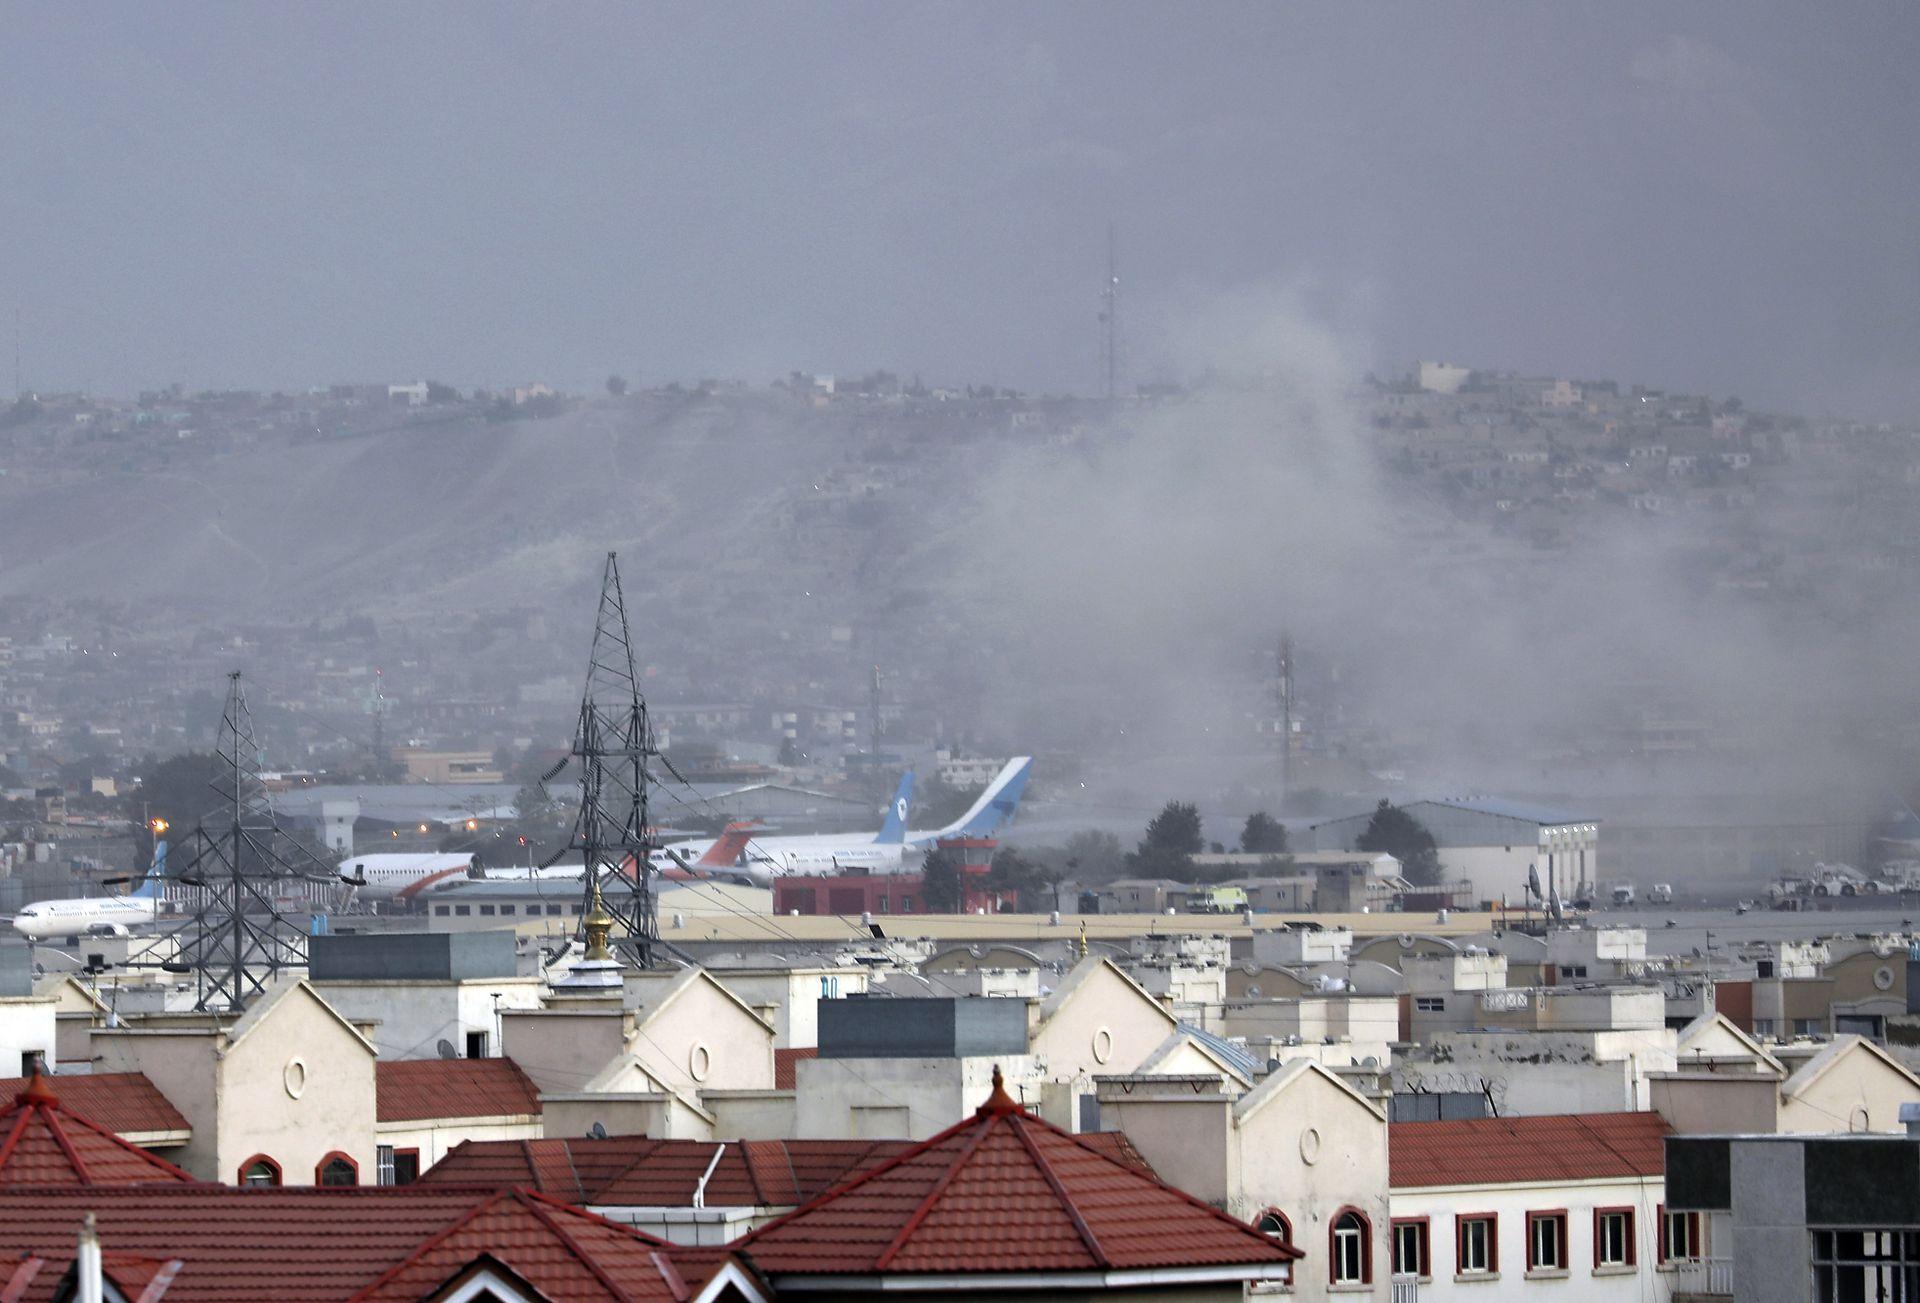 Vista de la columna de humo que dejó la primera explosión